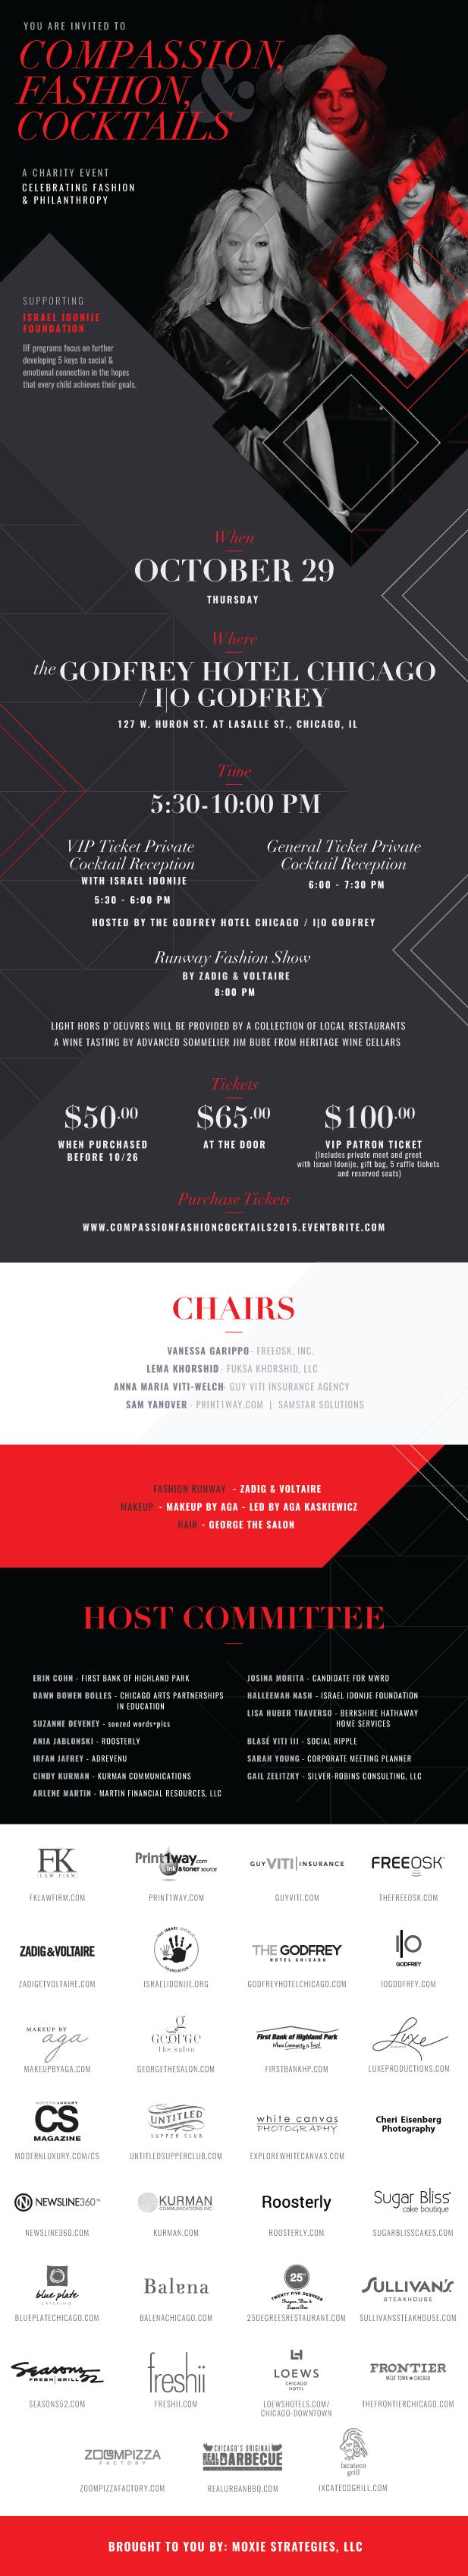 Compassion, Fashion & Cocktails 2015 - 10-29-15 - Invite